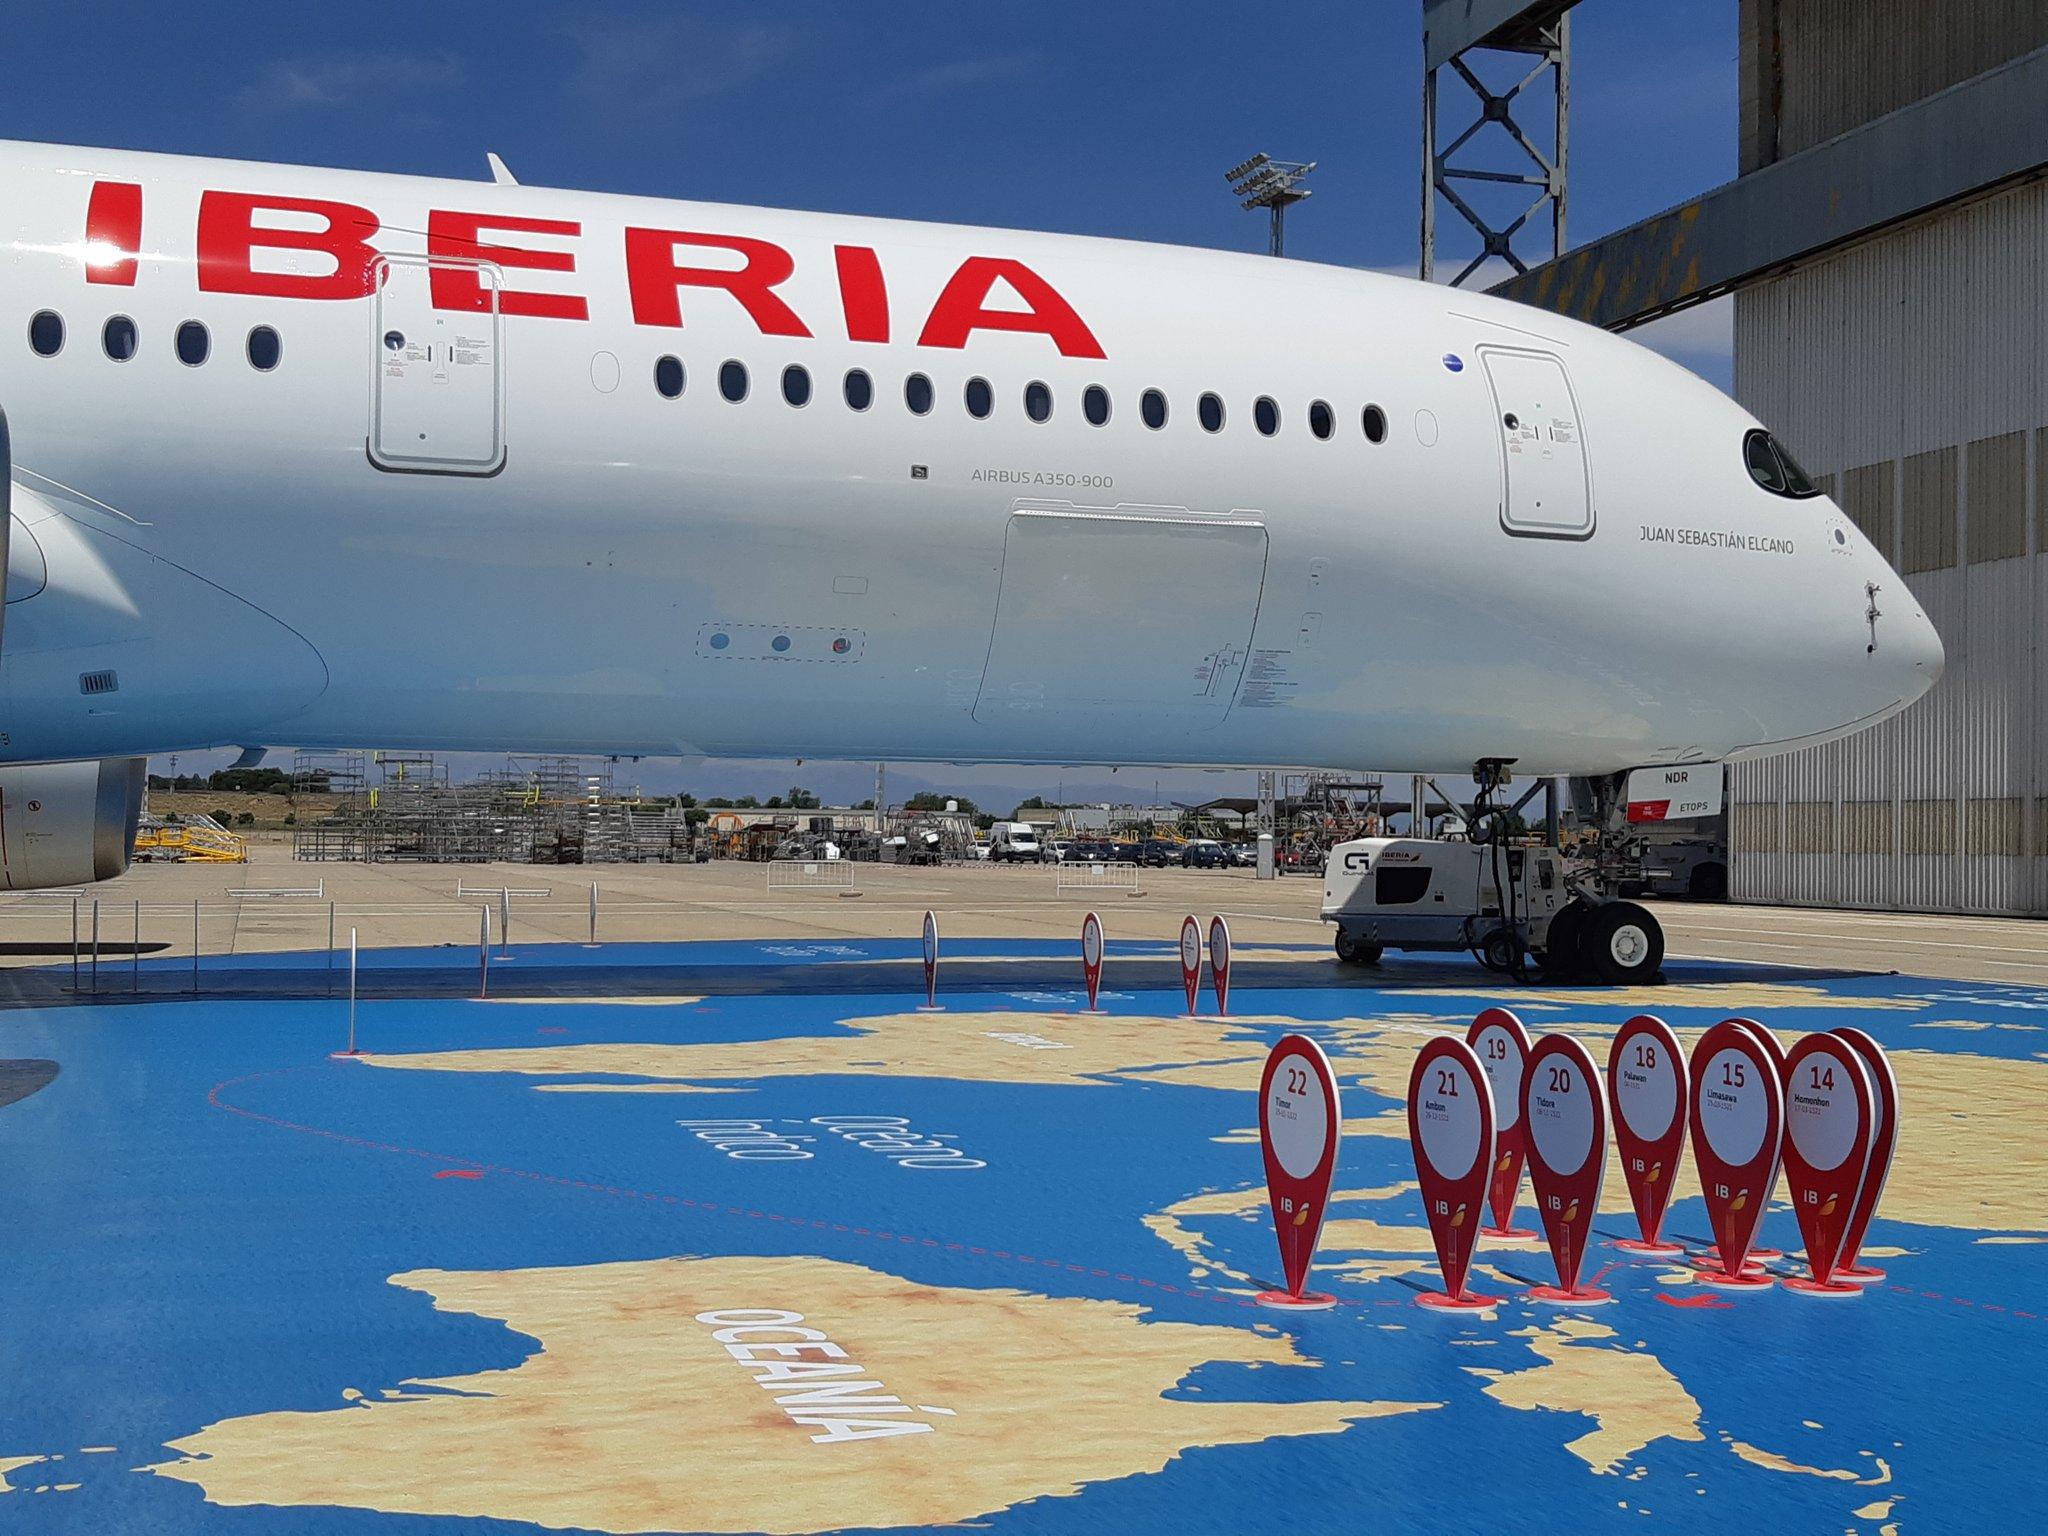 ¿Vuelos Querétaro-Madrid? Iberia y ADO buscarán hacerlo posible